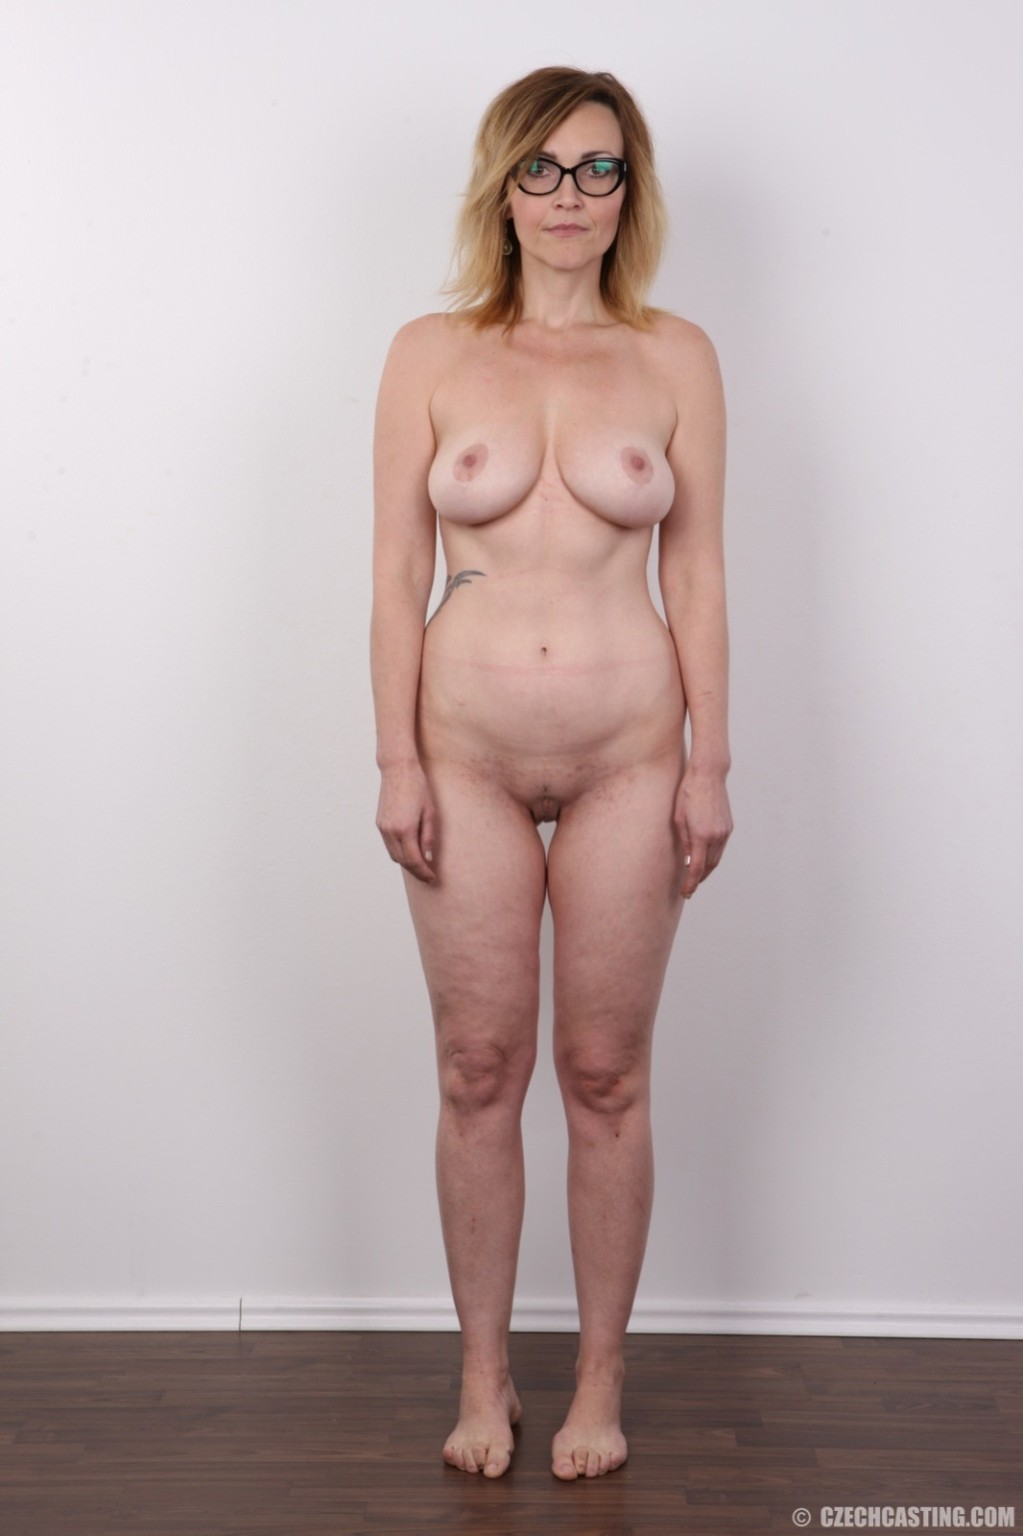 Опытная дамочка решает принять участие в чешском кастинге и показывает свое немолодое тело